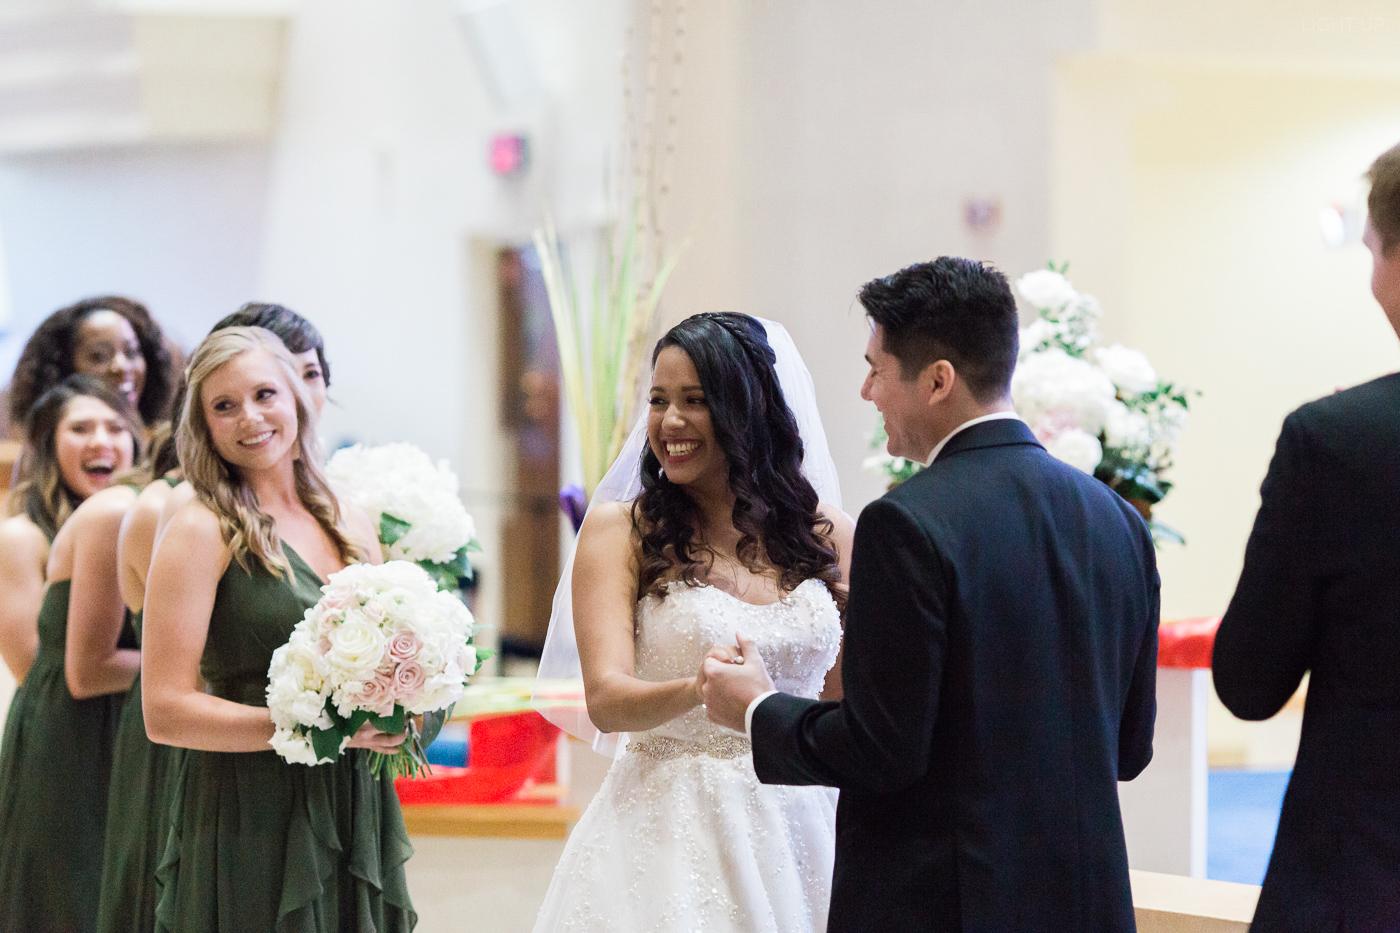 catholic wedding ceremony in lakeland-1.jpg